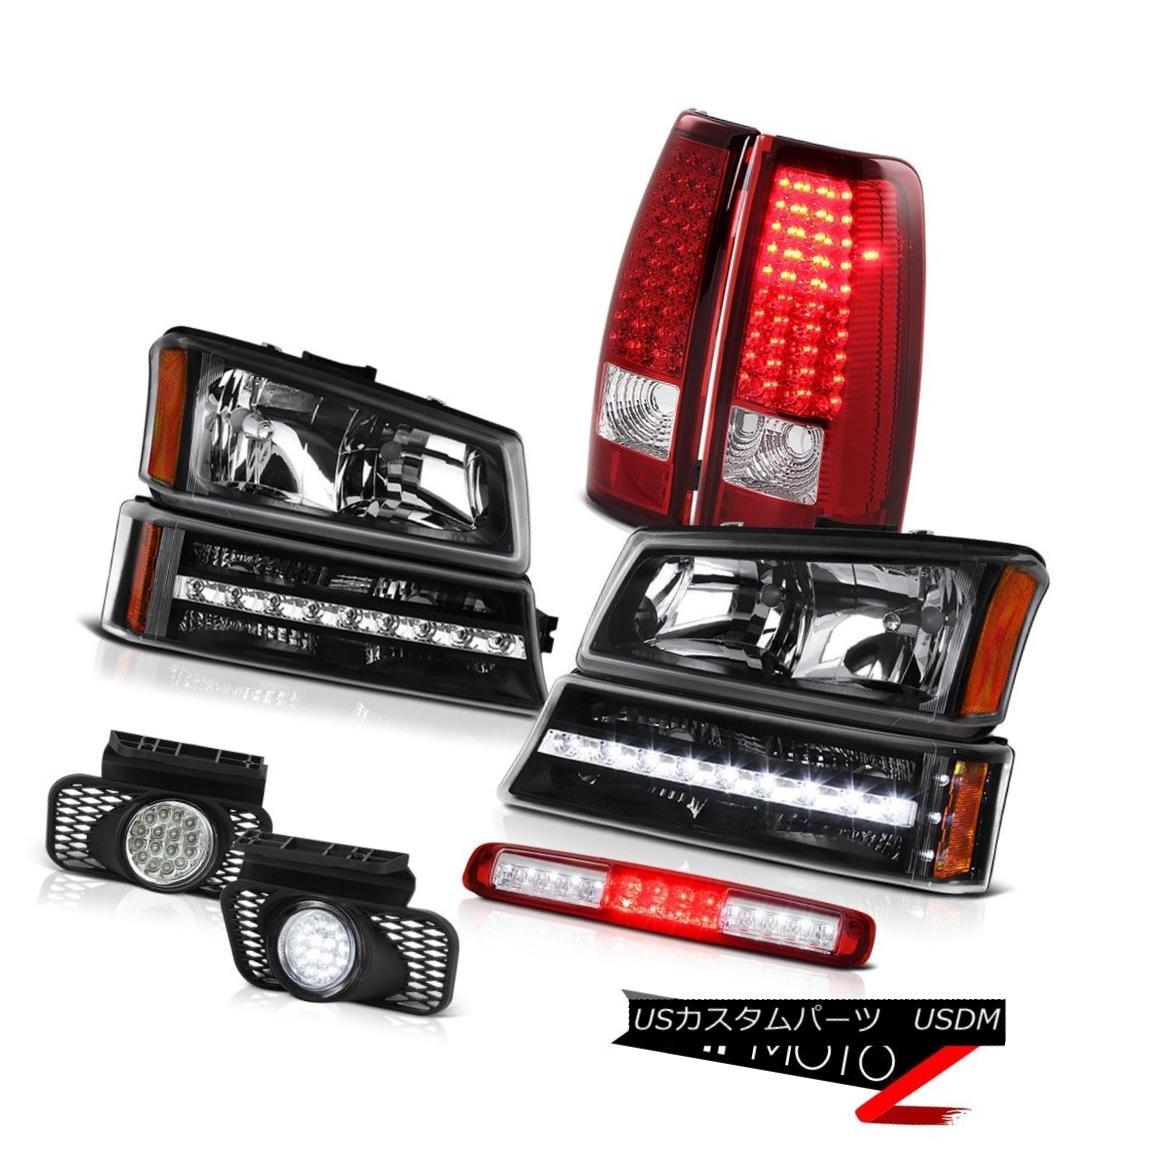 テールライト 2003-2006 Silverado Red Roof Brake Light Headlamps Foglights Bumper Taillights 2003-2006シルヴァードレッドルーフブレーキライトヘッドランプフォグライトバンパーテールライト